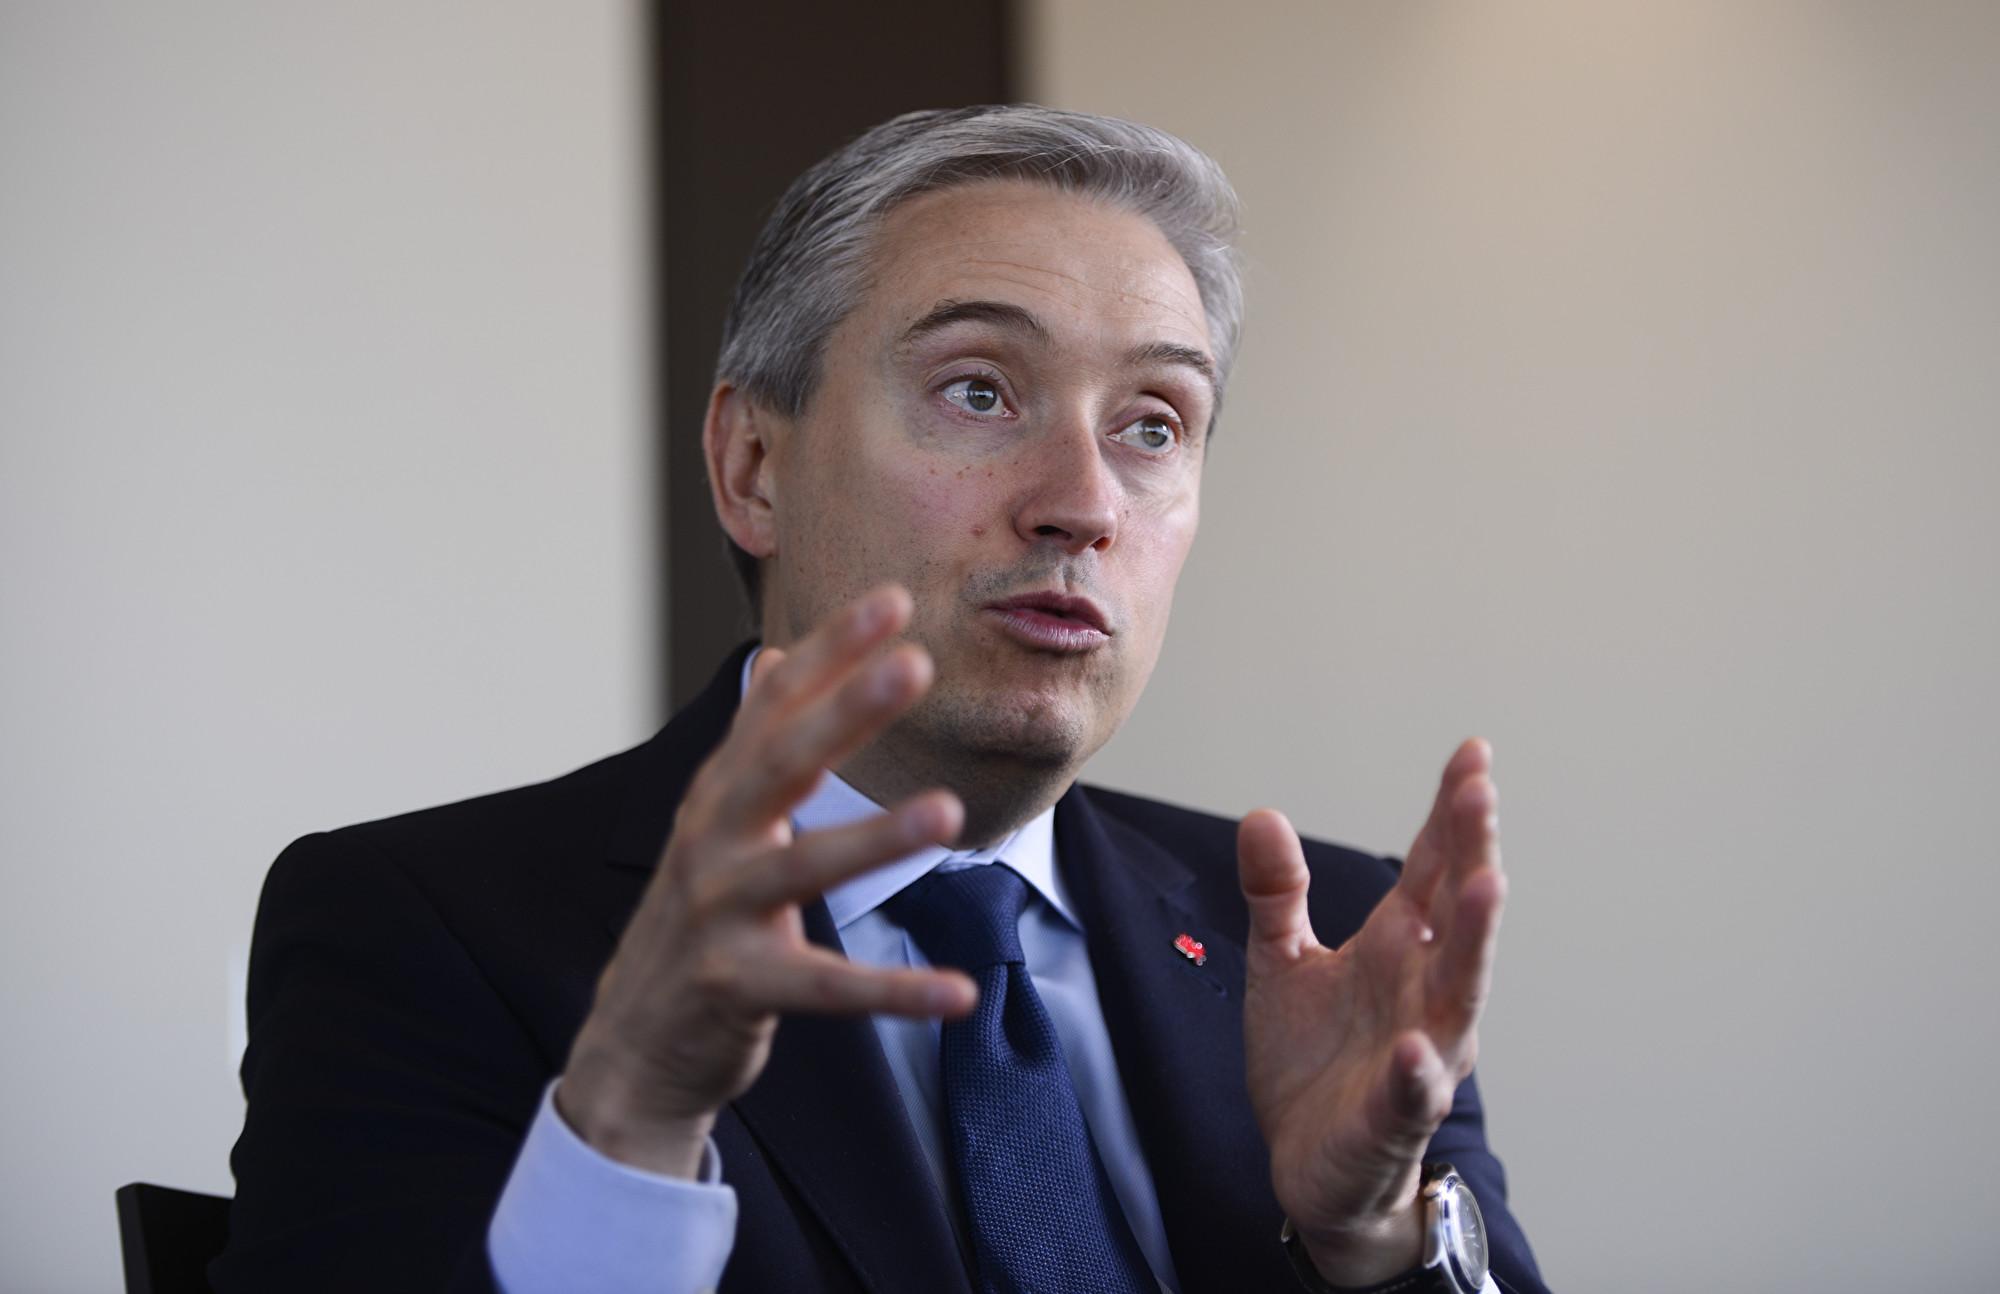 加拿大外交部長商鵬飛(Francois-Philippe Champagne)11月17日在國會回應,不能容忍任何外國政府的這類行為,並表示可能對肇事者提出刑事指控。(加通社)